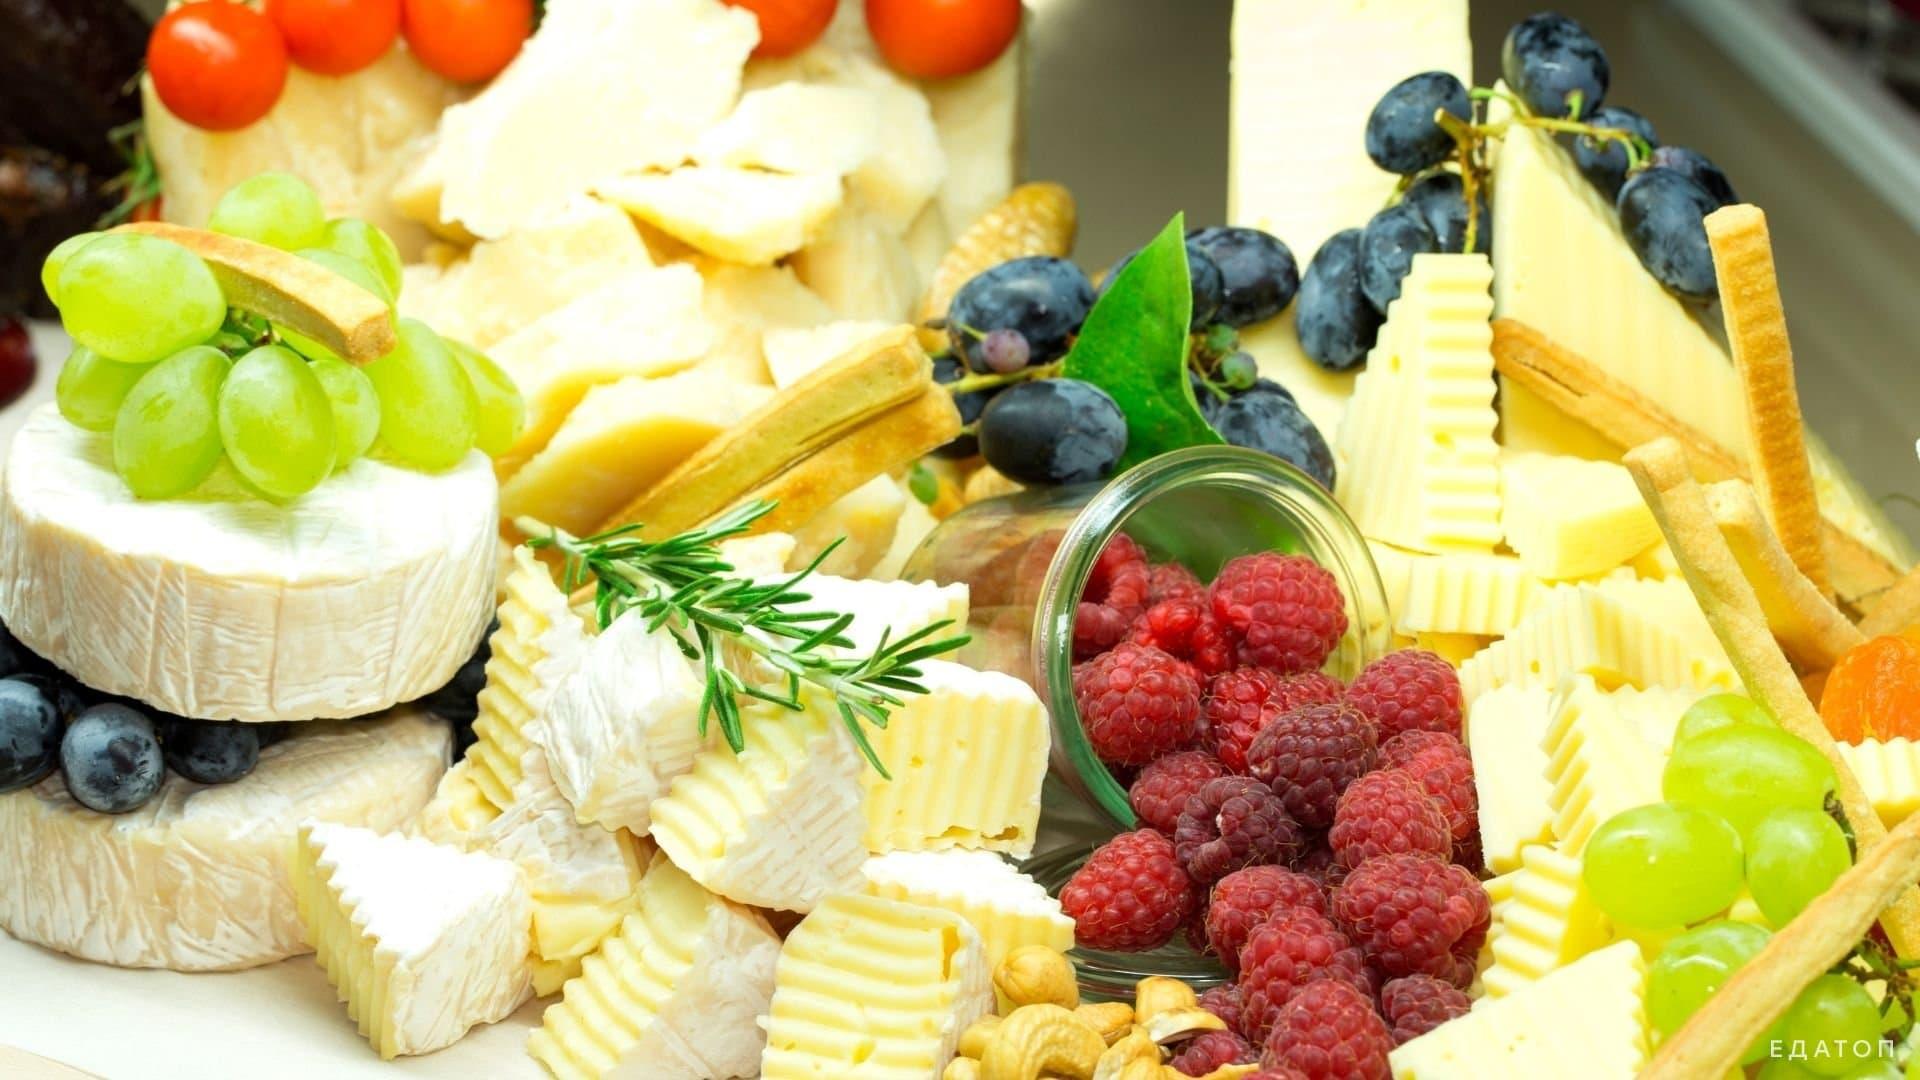 Сыры и фрукты при диете Хааса.